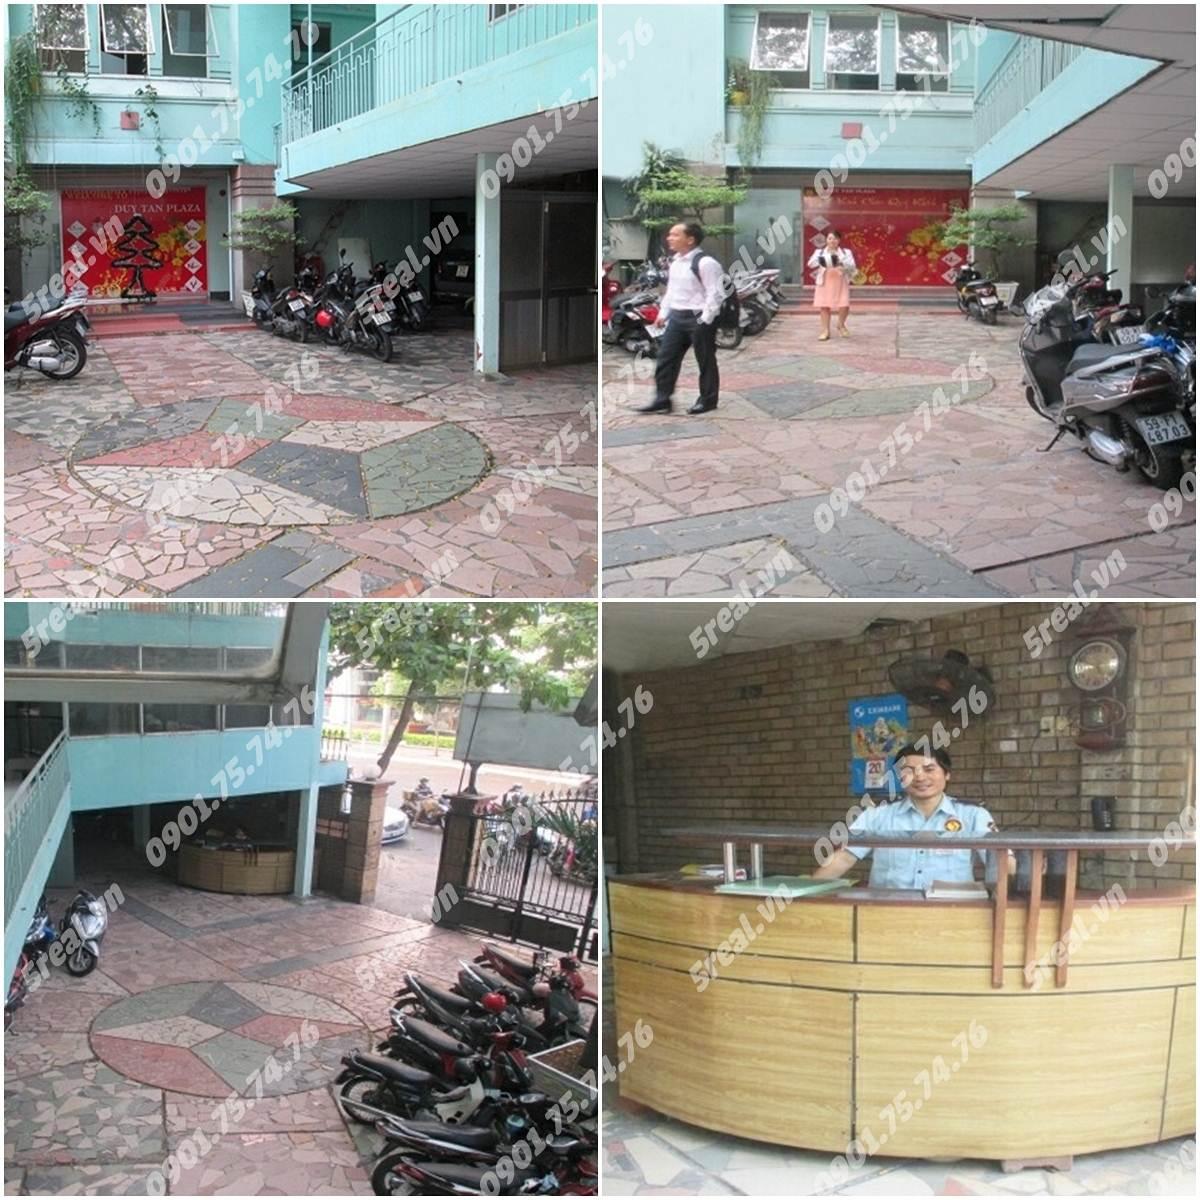 duy-tan-plaza-cao-thang-van-phong-cho-thue-quan-10-5real.vn-01